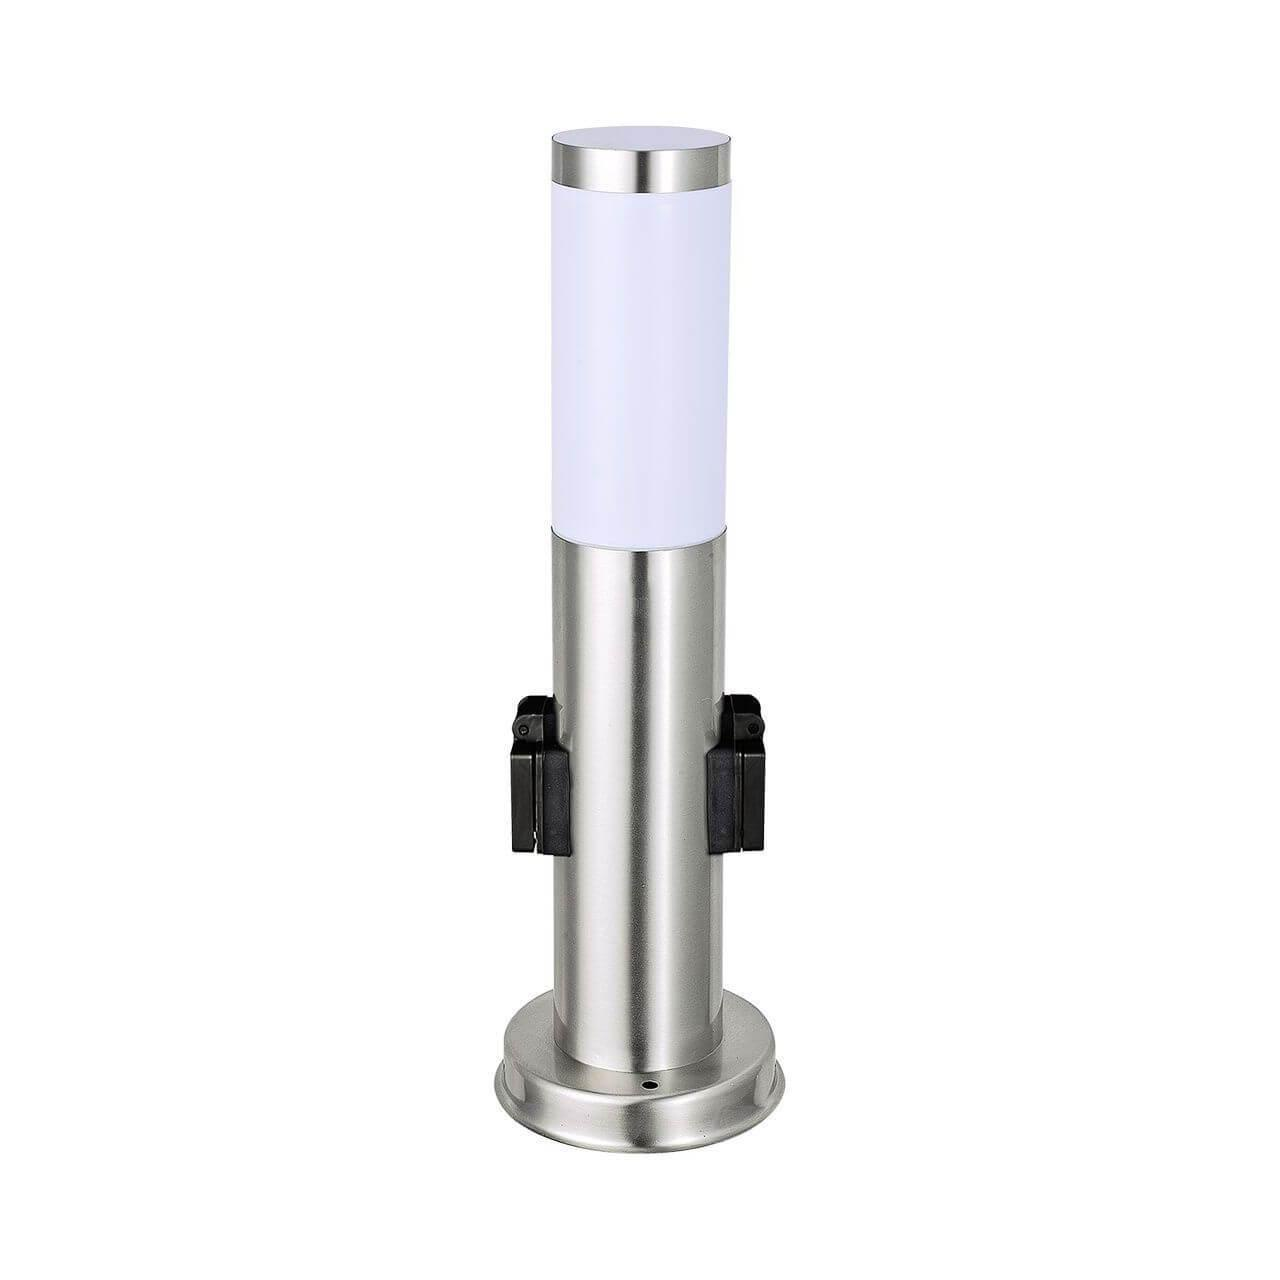 Фото - Уличный светильник Globo 3158K, E27 наземный низкий светильник globo boston 3158k